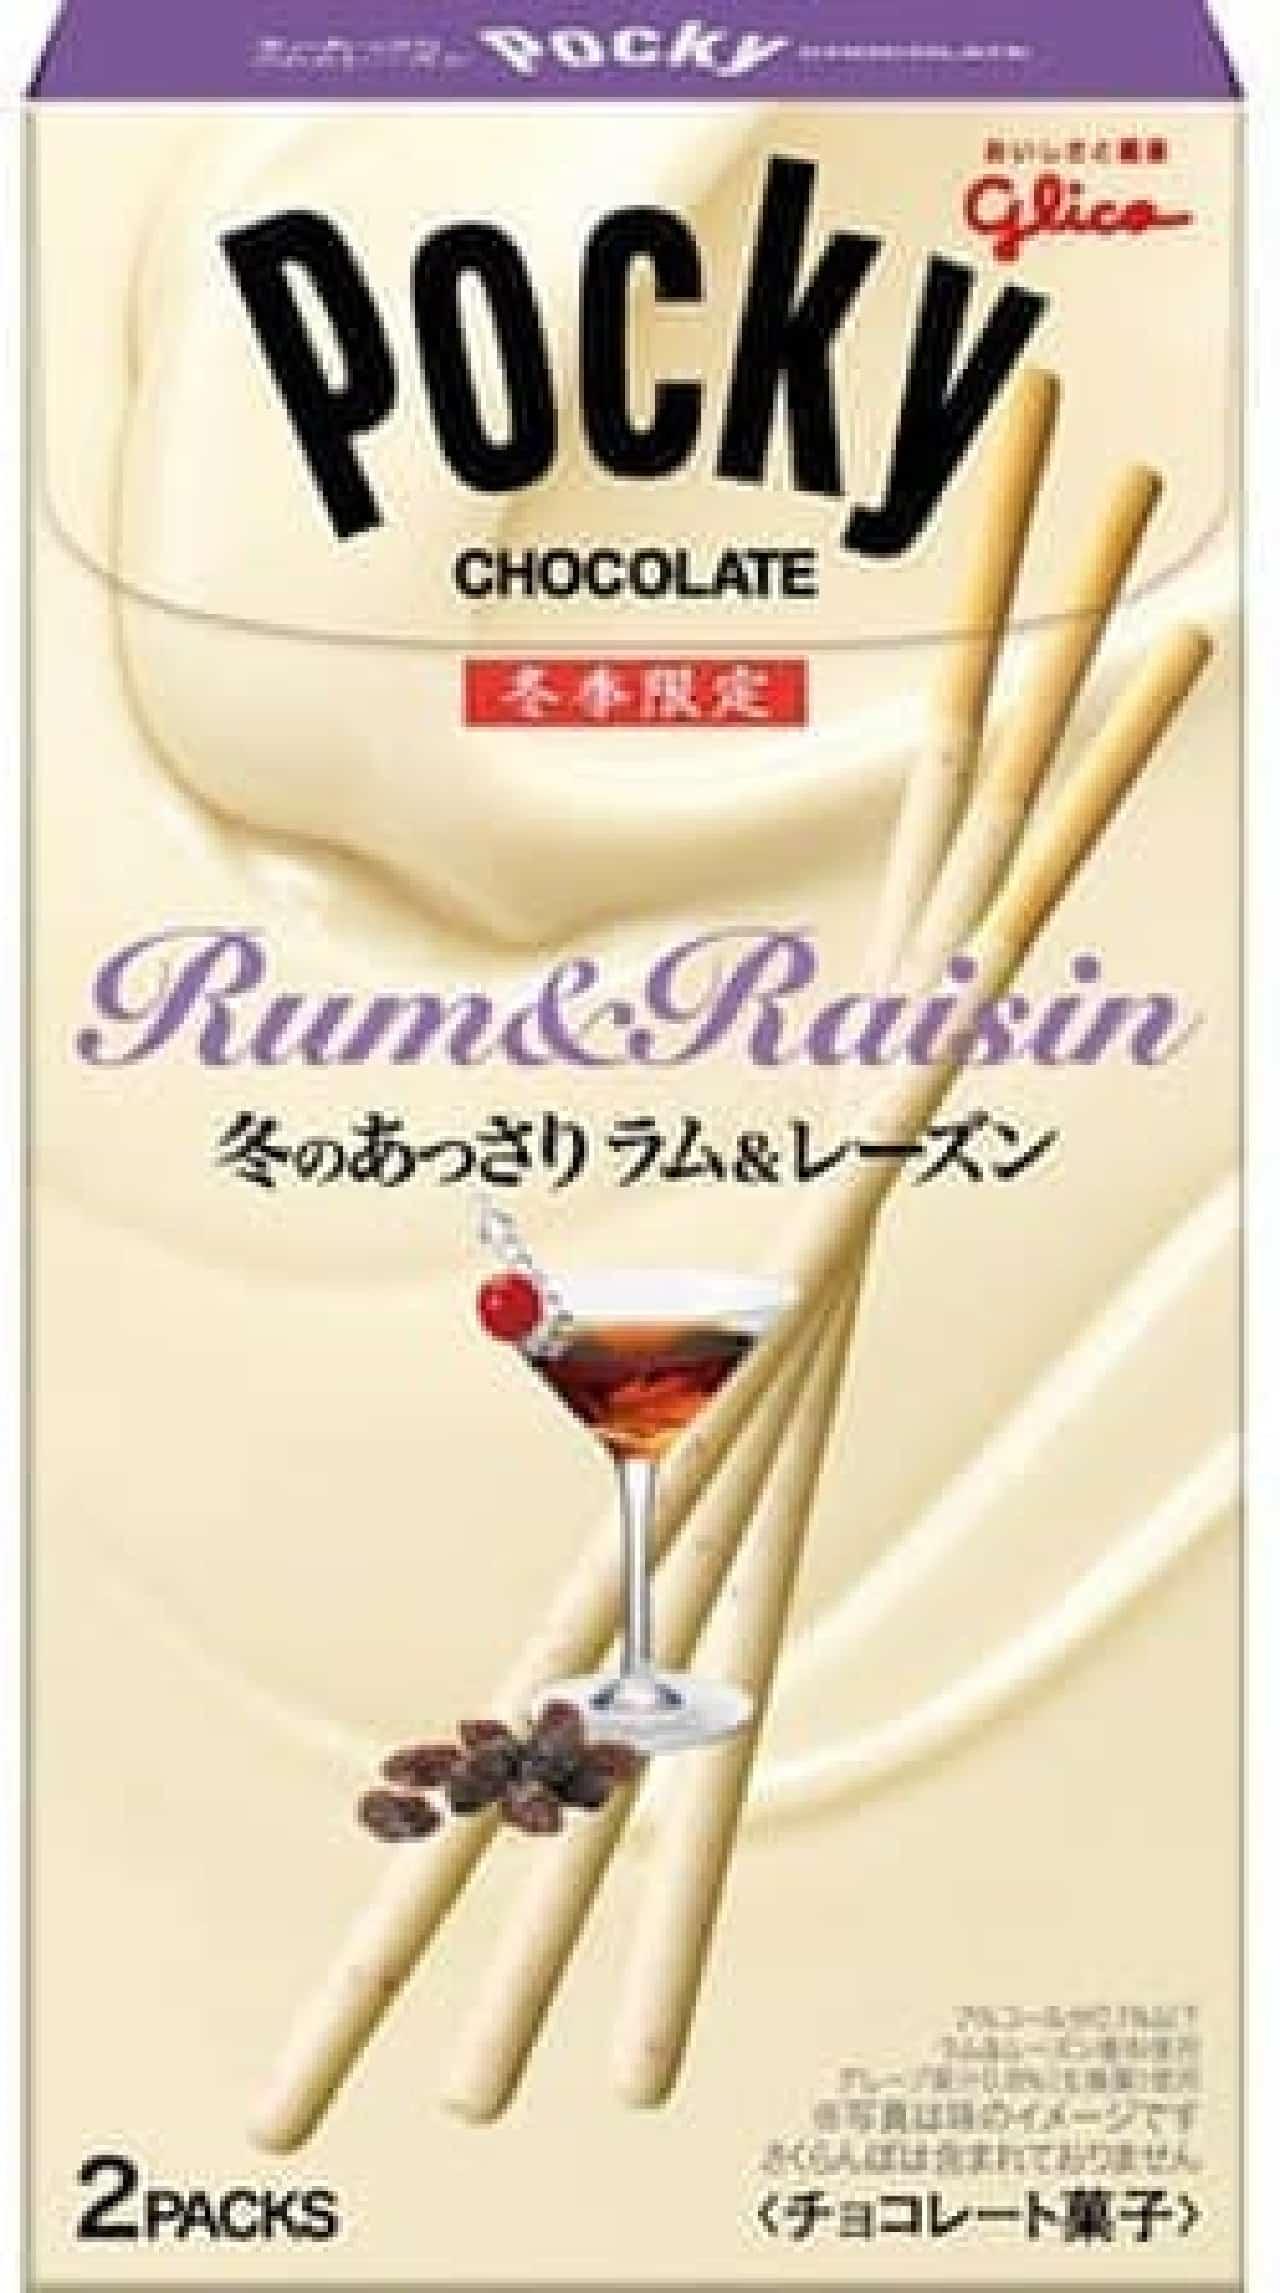 ラム&レーズンのおいしさがわかるって、オトナだよね